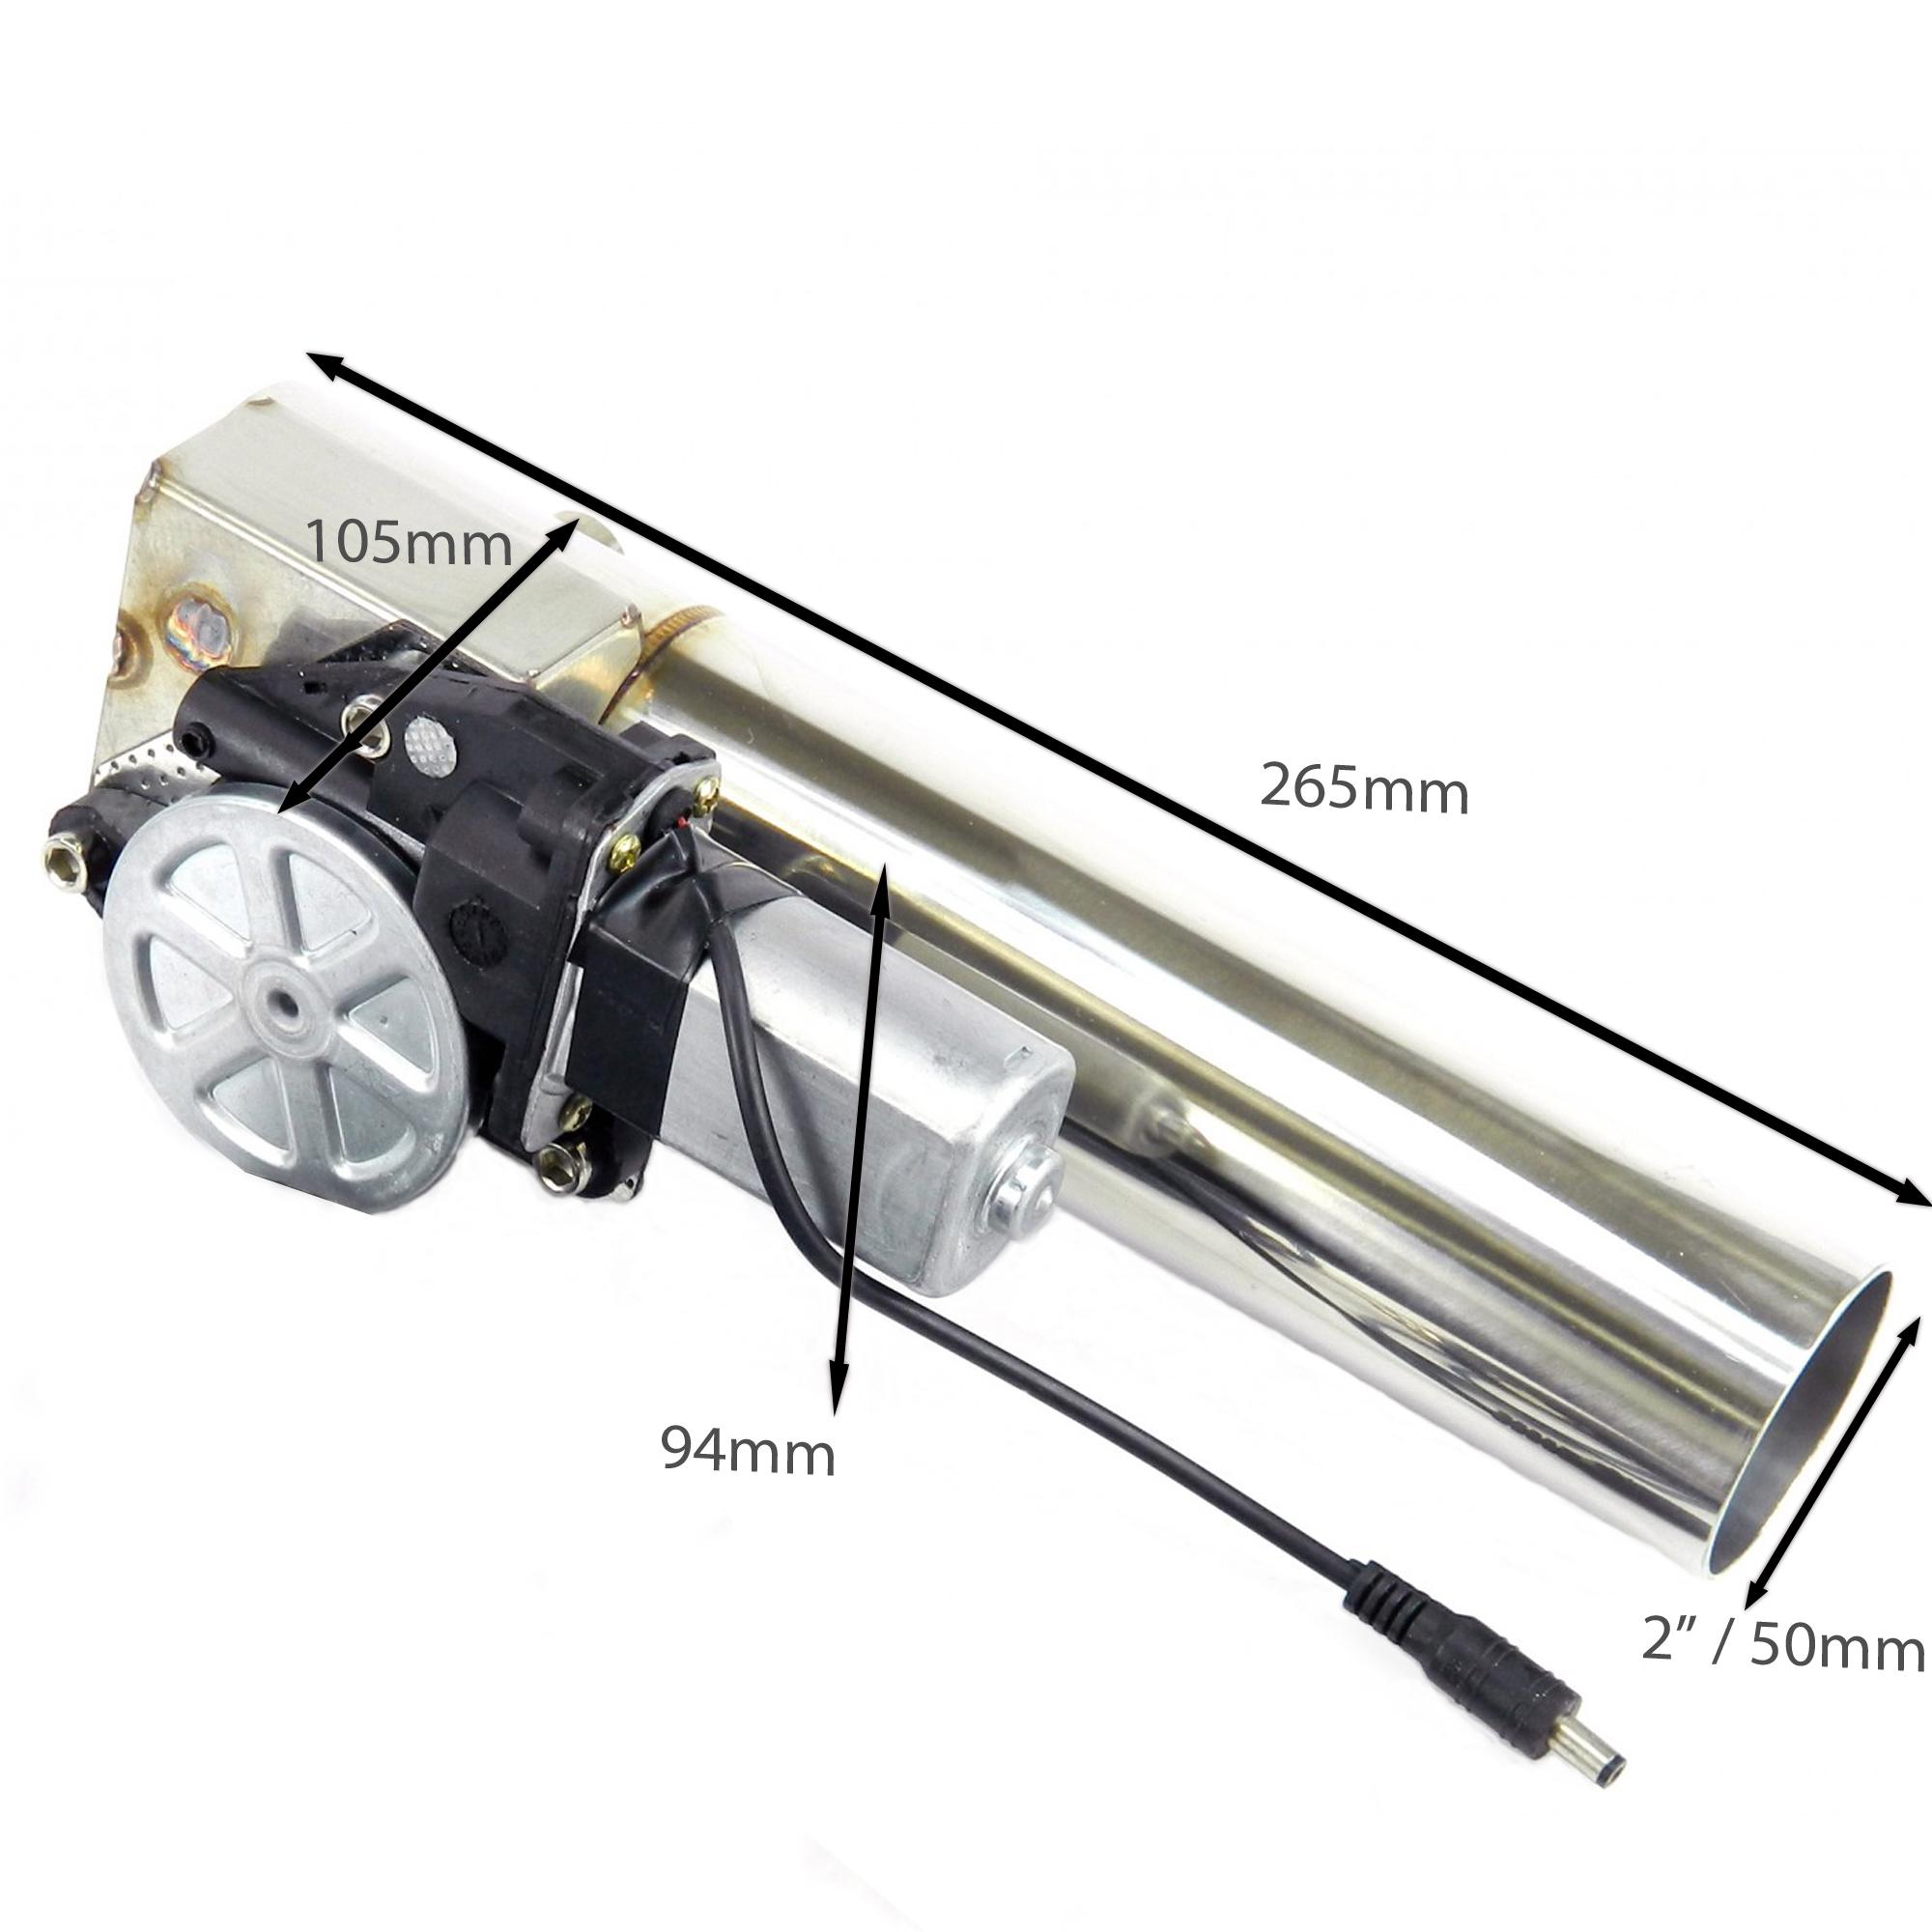 Klappenauspuff-System aus Edelstahl, elektrisch inkl. Fernbedienung - 50mm Außendurchmesser